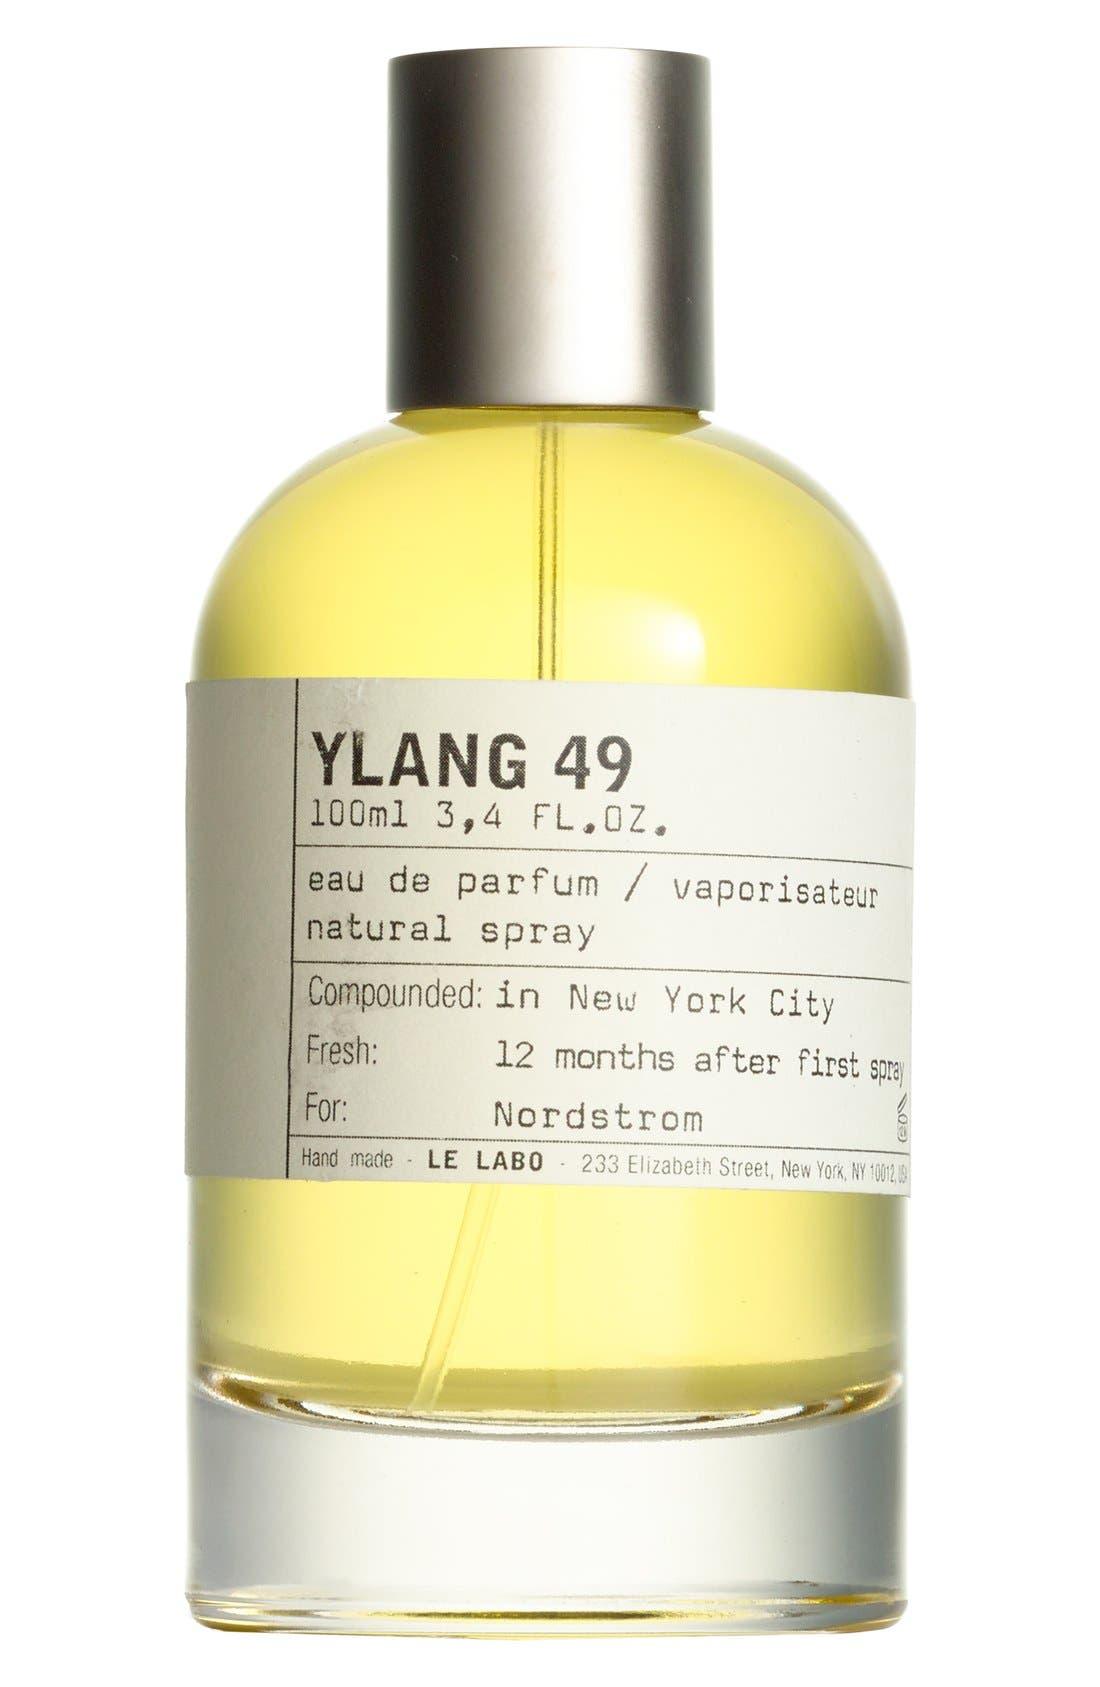 Le Labo 'Ylang 49' Eau de Parfum